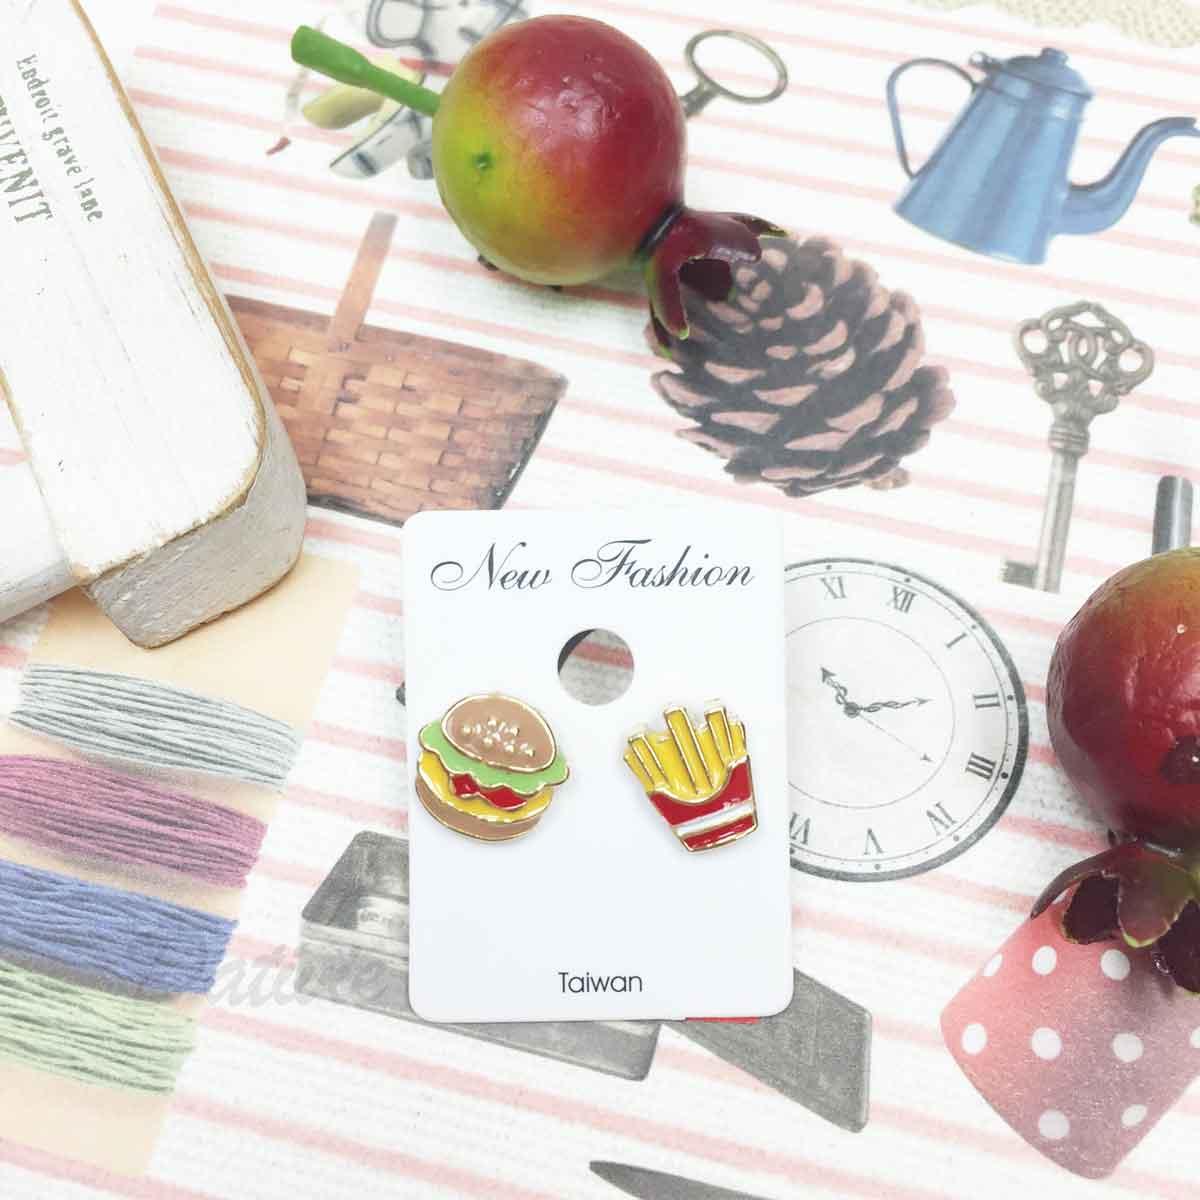 不對稱 薯條 漢堡 食物 可愛趣味風 耳針式耳環